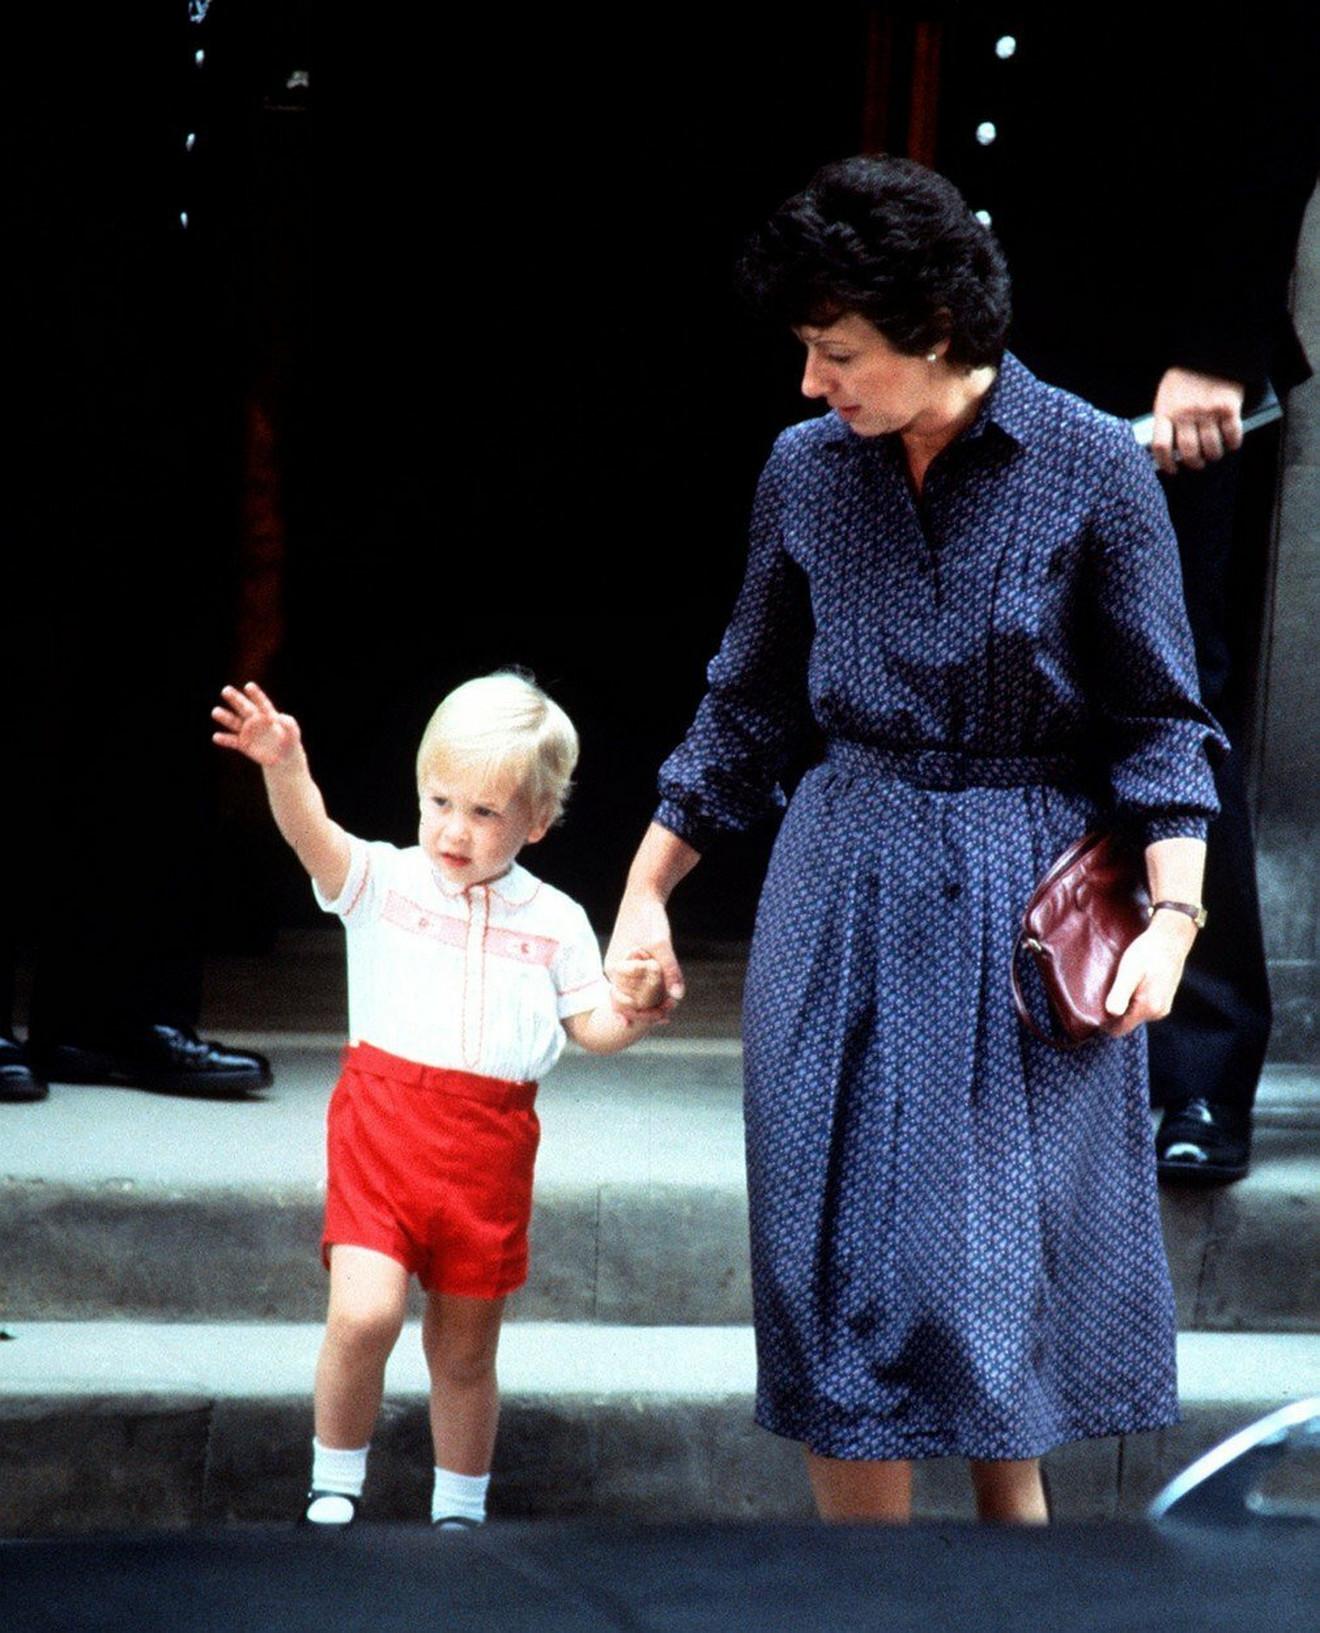 Maleni Hari- isto odelo je nekoliko decenija kasnije nosio njegov bratanac princ Džordž Luj Aleksander na krštenju princeze Šarlot Elizabet Dajana u Engleskoj